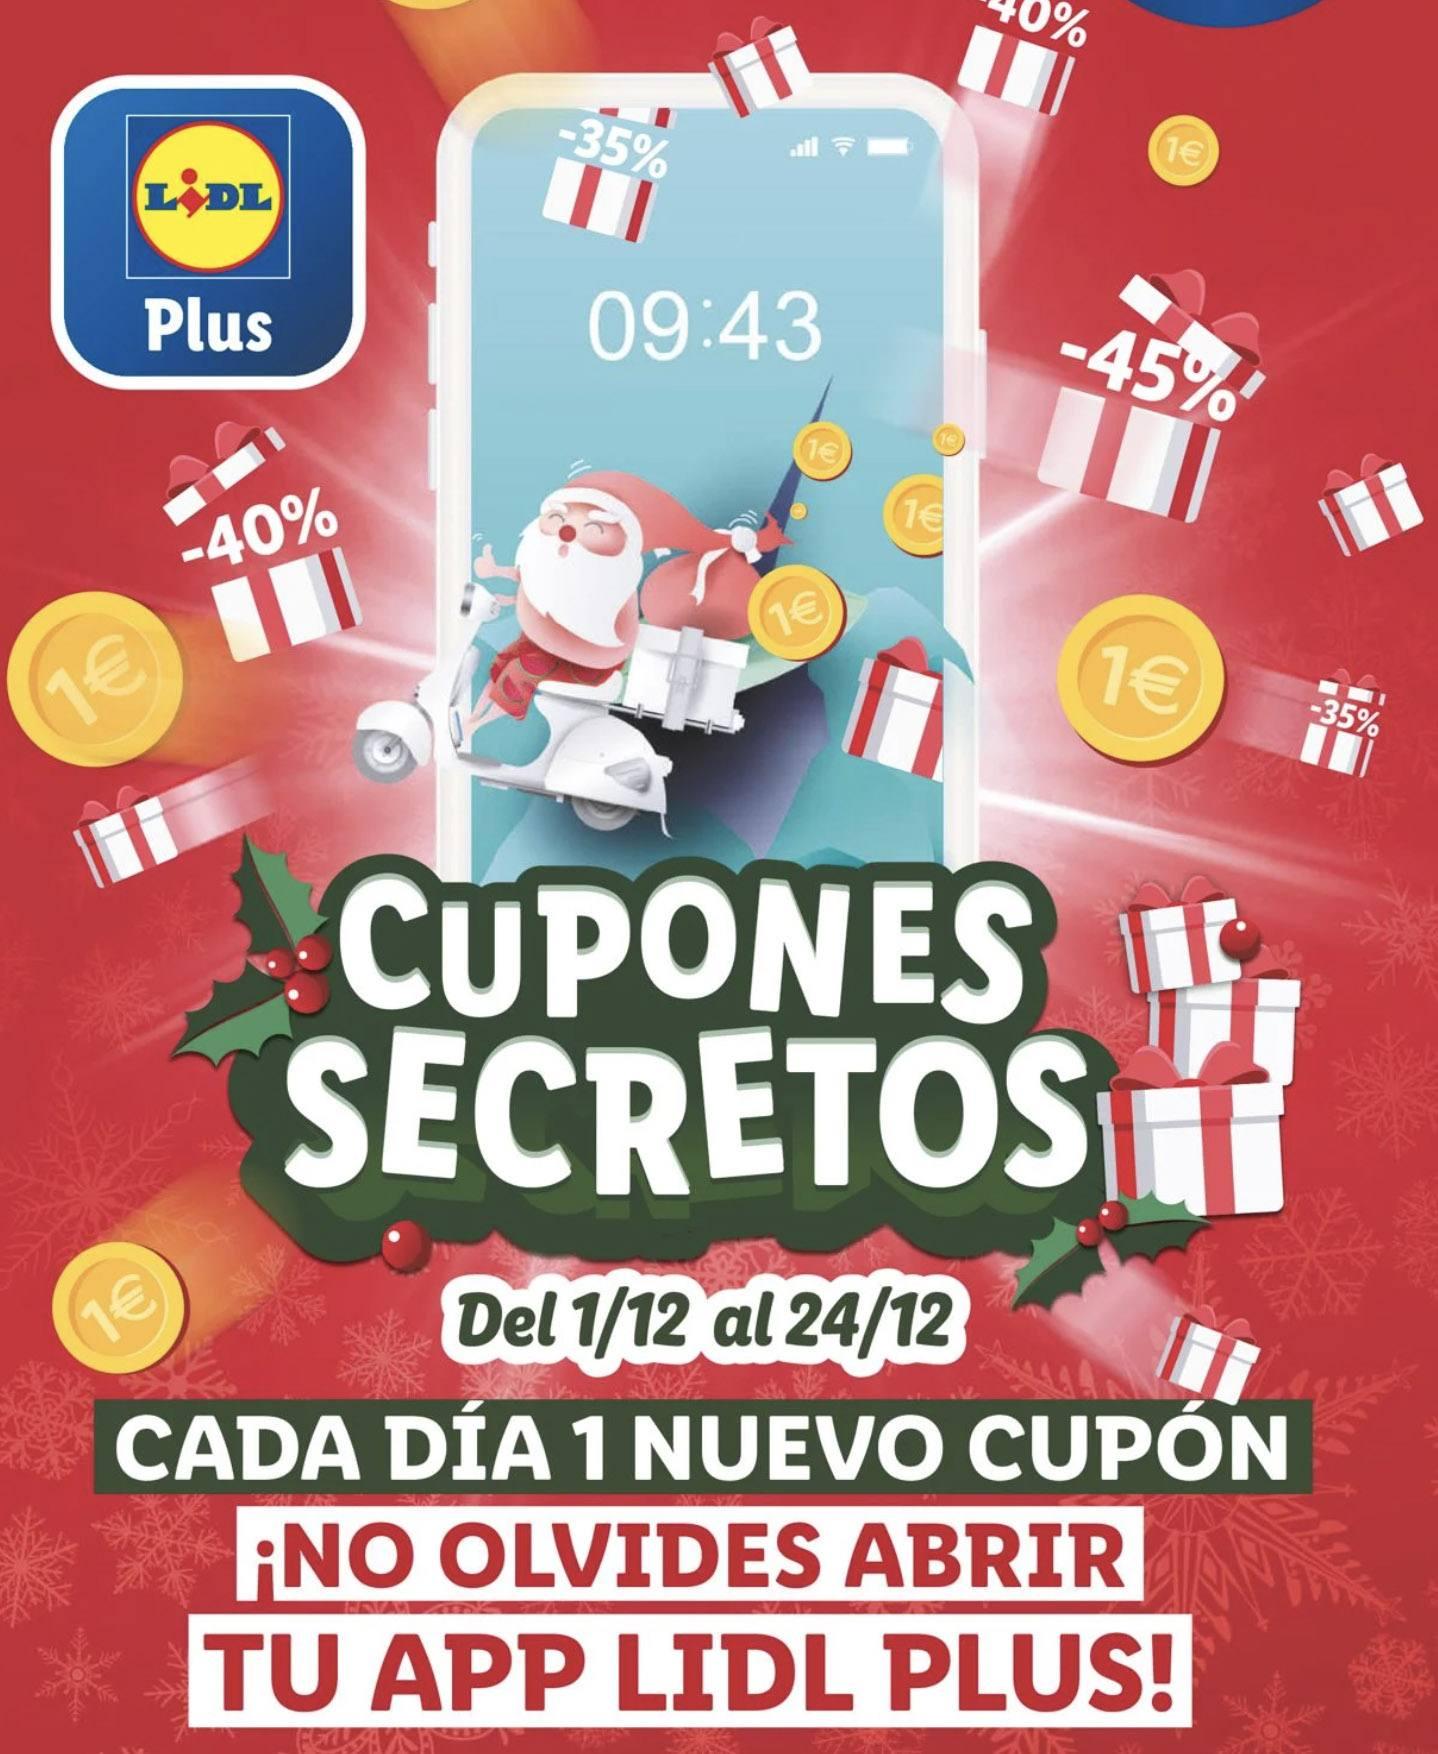 Cupones Lidl Secreotos Navidad